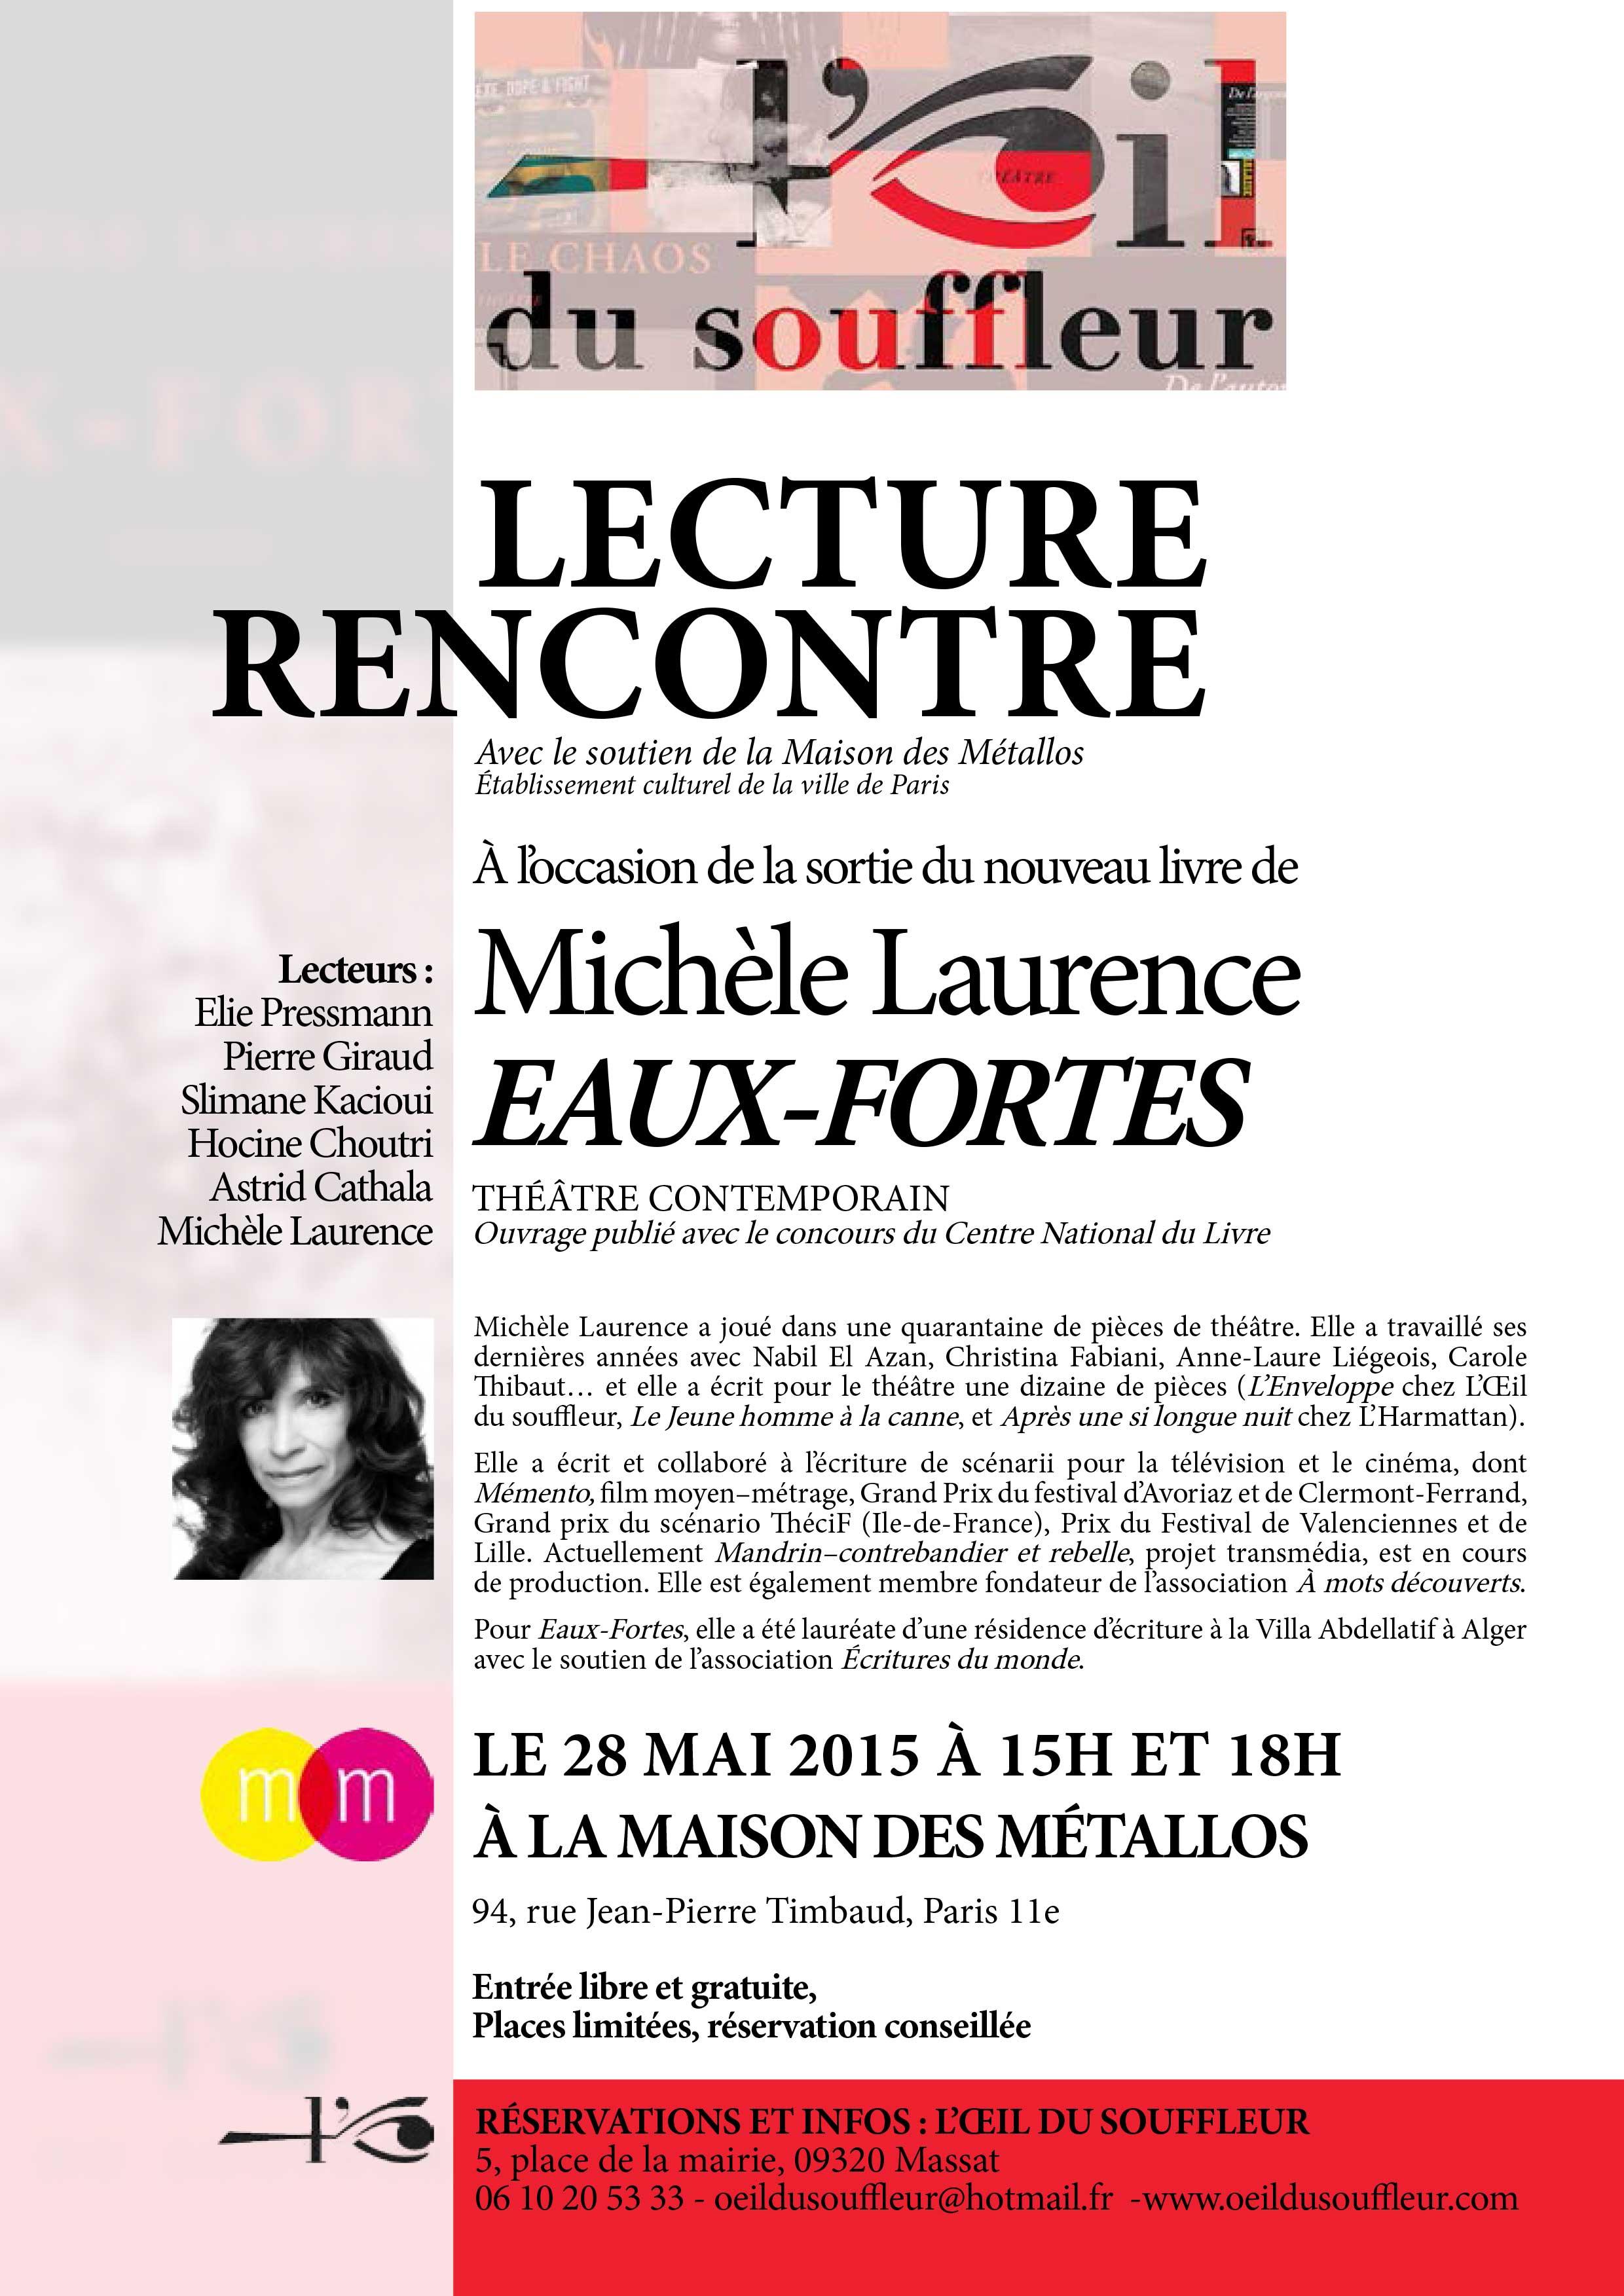 Lecture rencontre Eaux-fortes Michèle Laurence